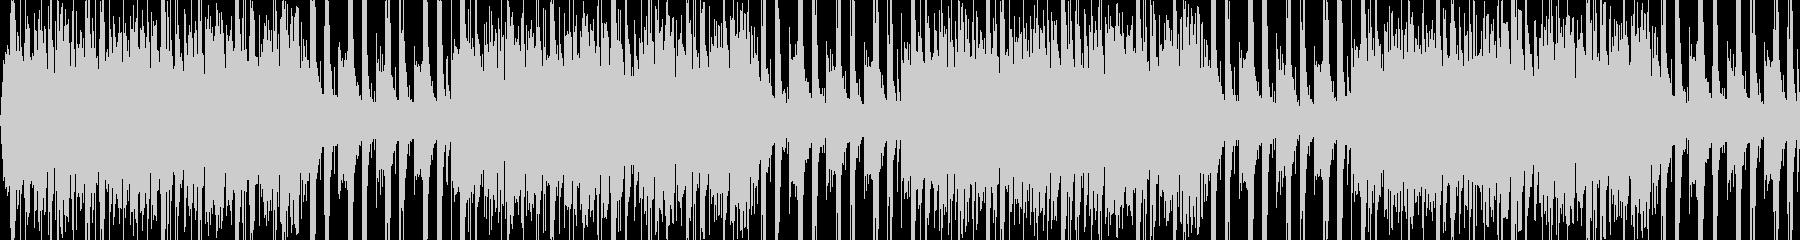 決戦 ゲーム アップテンポ 突撃 ループの未再生の波形